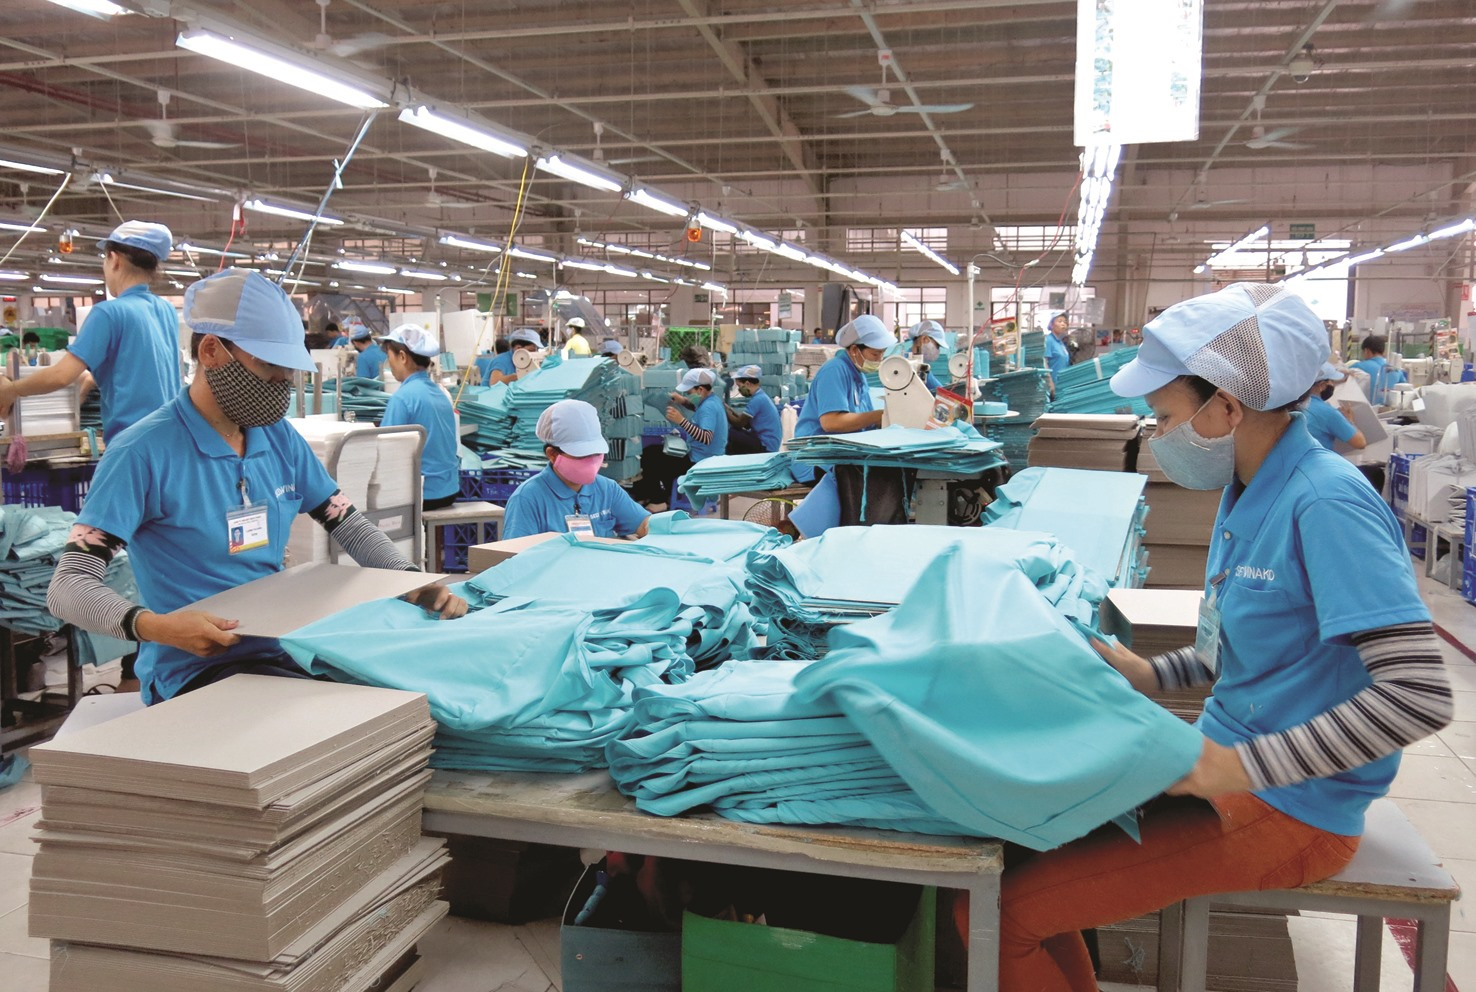 Một số ngành sản xuất, kinh doanh đã vận hành trở lại nhưng tăng trưởng chưa được như kỳ vọng.Ảnh: T.D